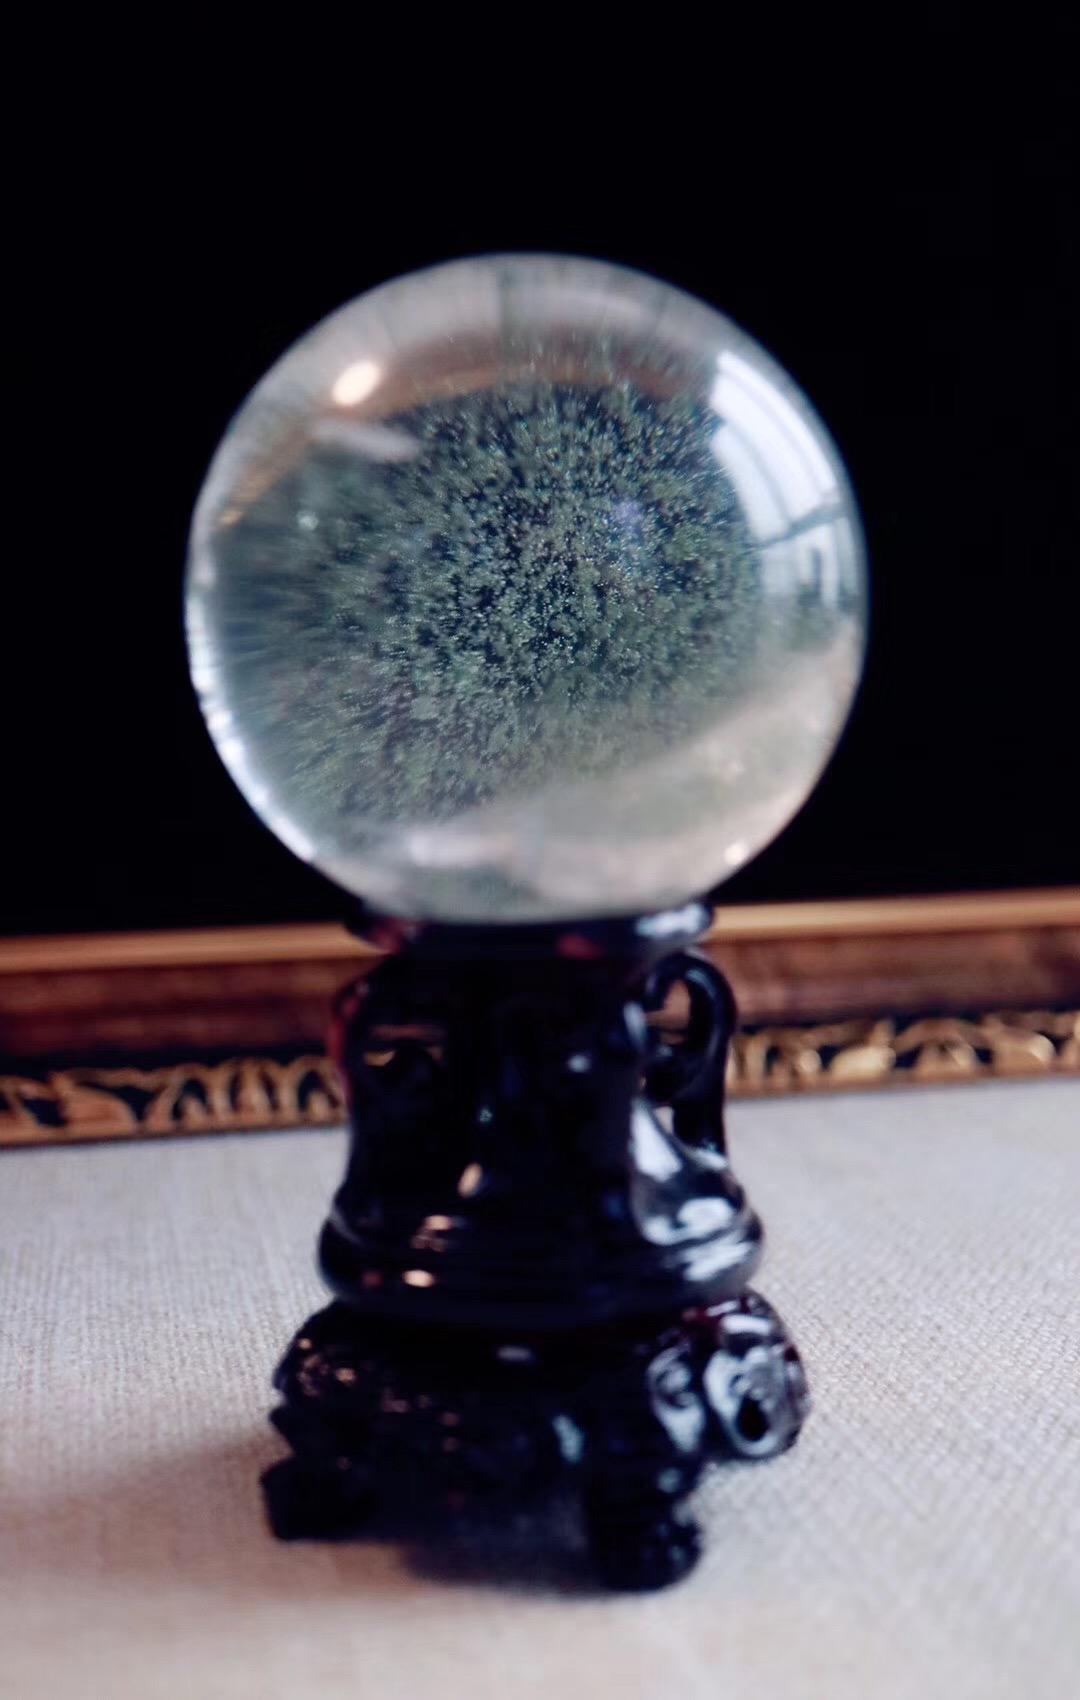 【菩心   绿幽灵球】期待你发现她更多的美~~-菩心晶舍